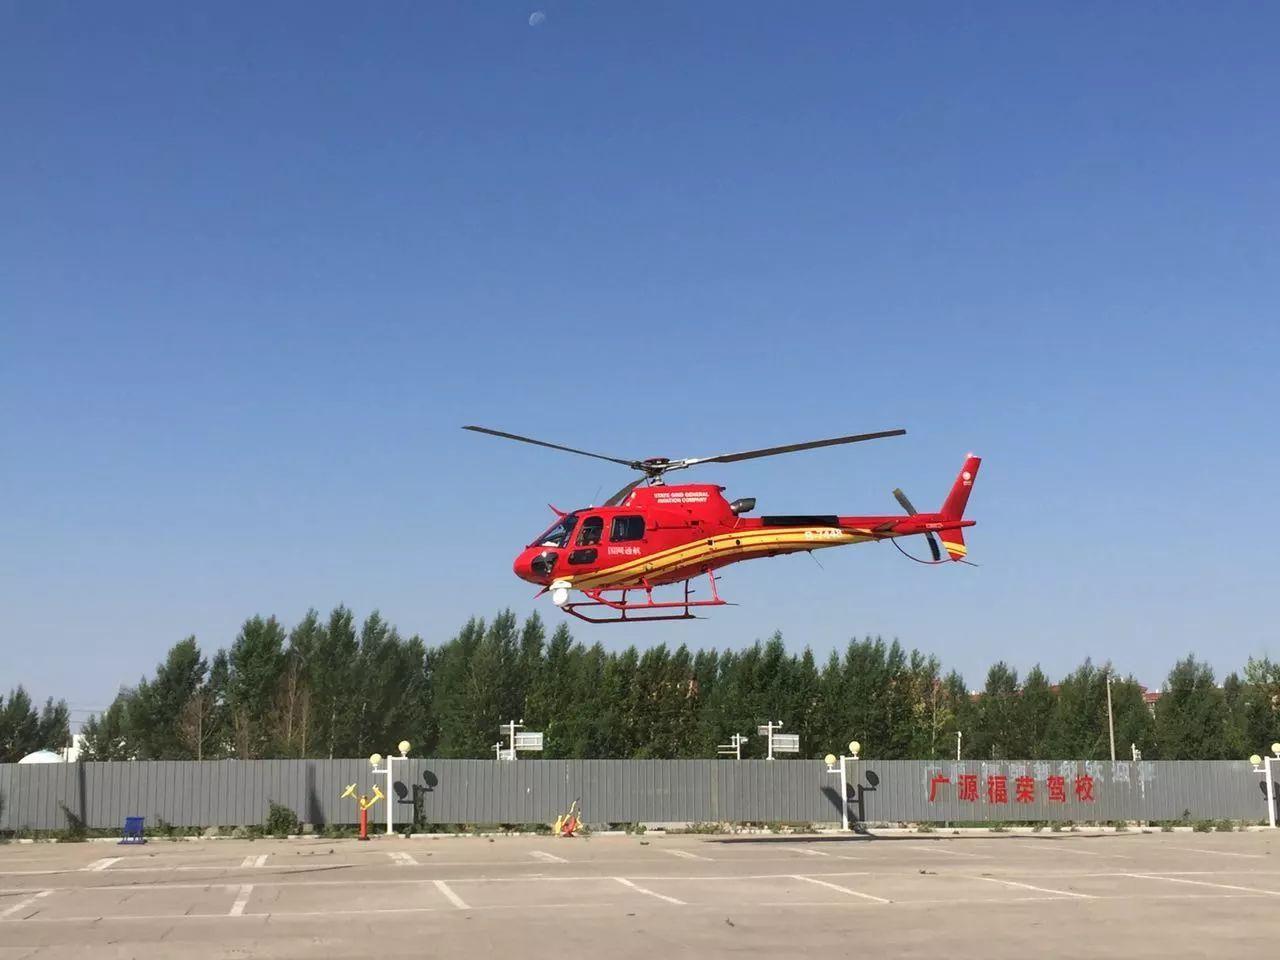 内蒙古超高压供电局2017年度直升机航检收官